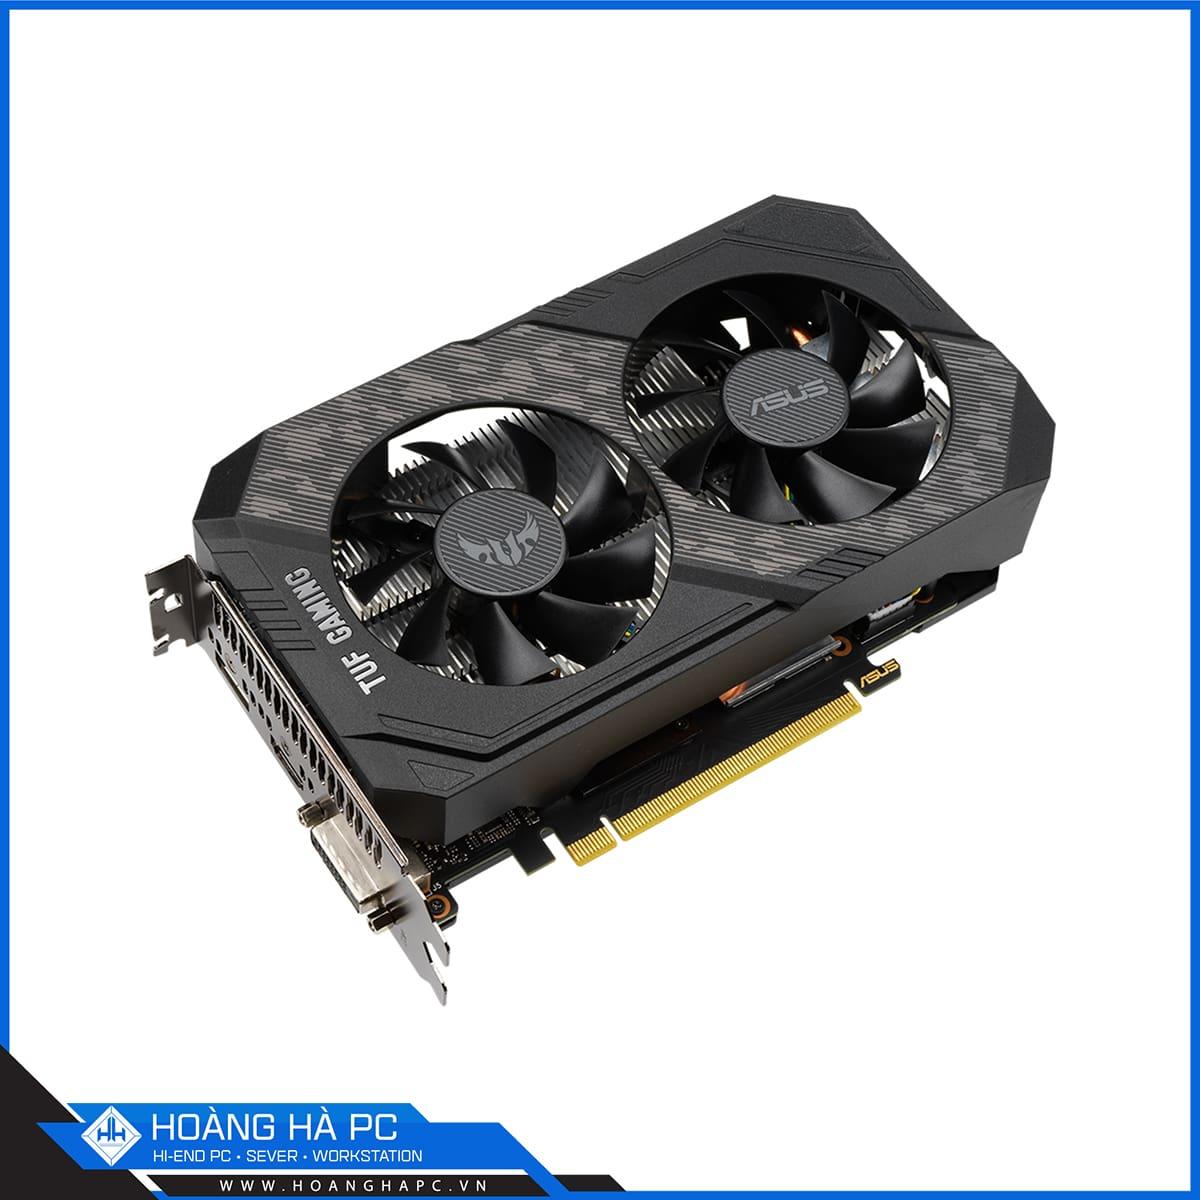 ASUS TUF GTX 1660 Super O6G Gaming